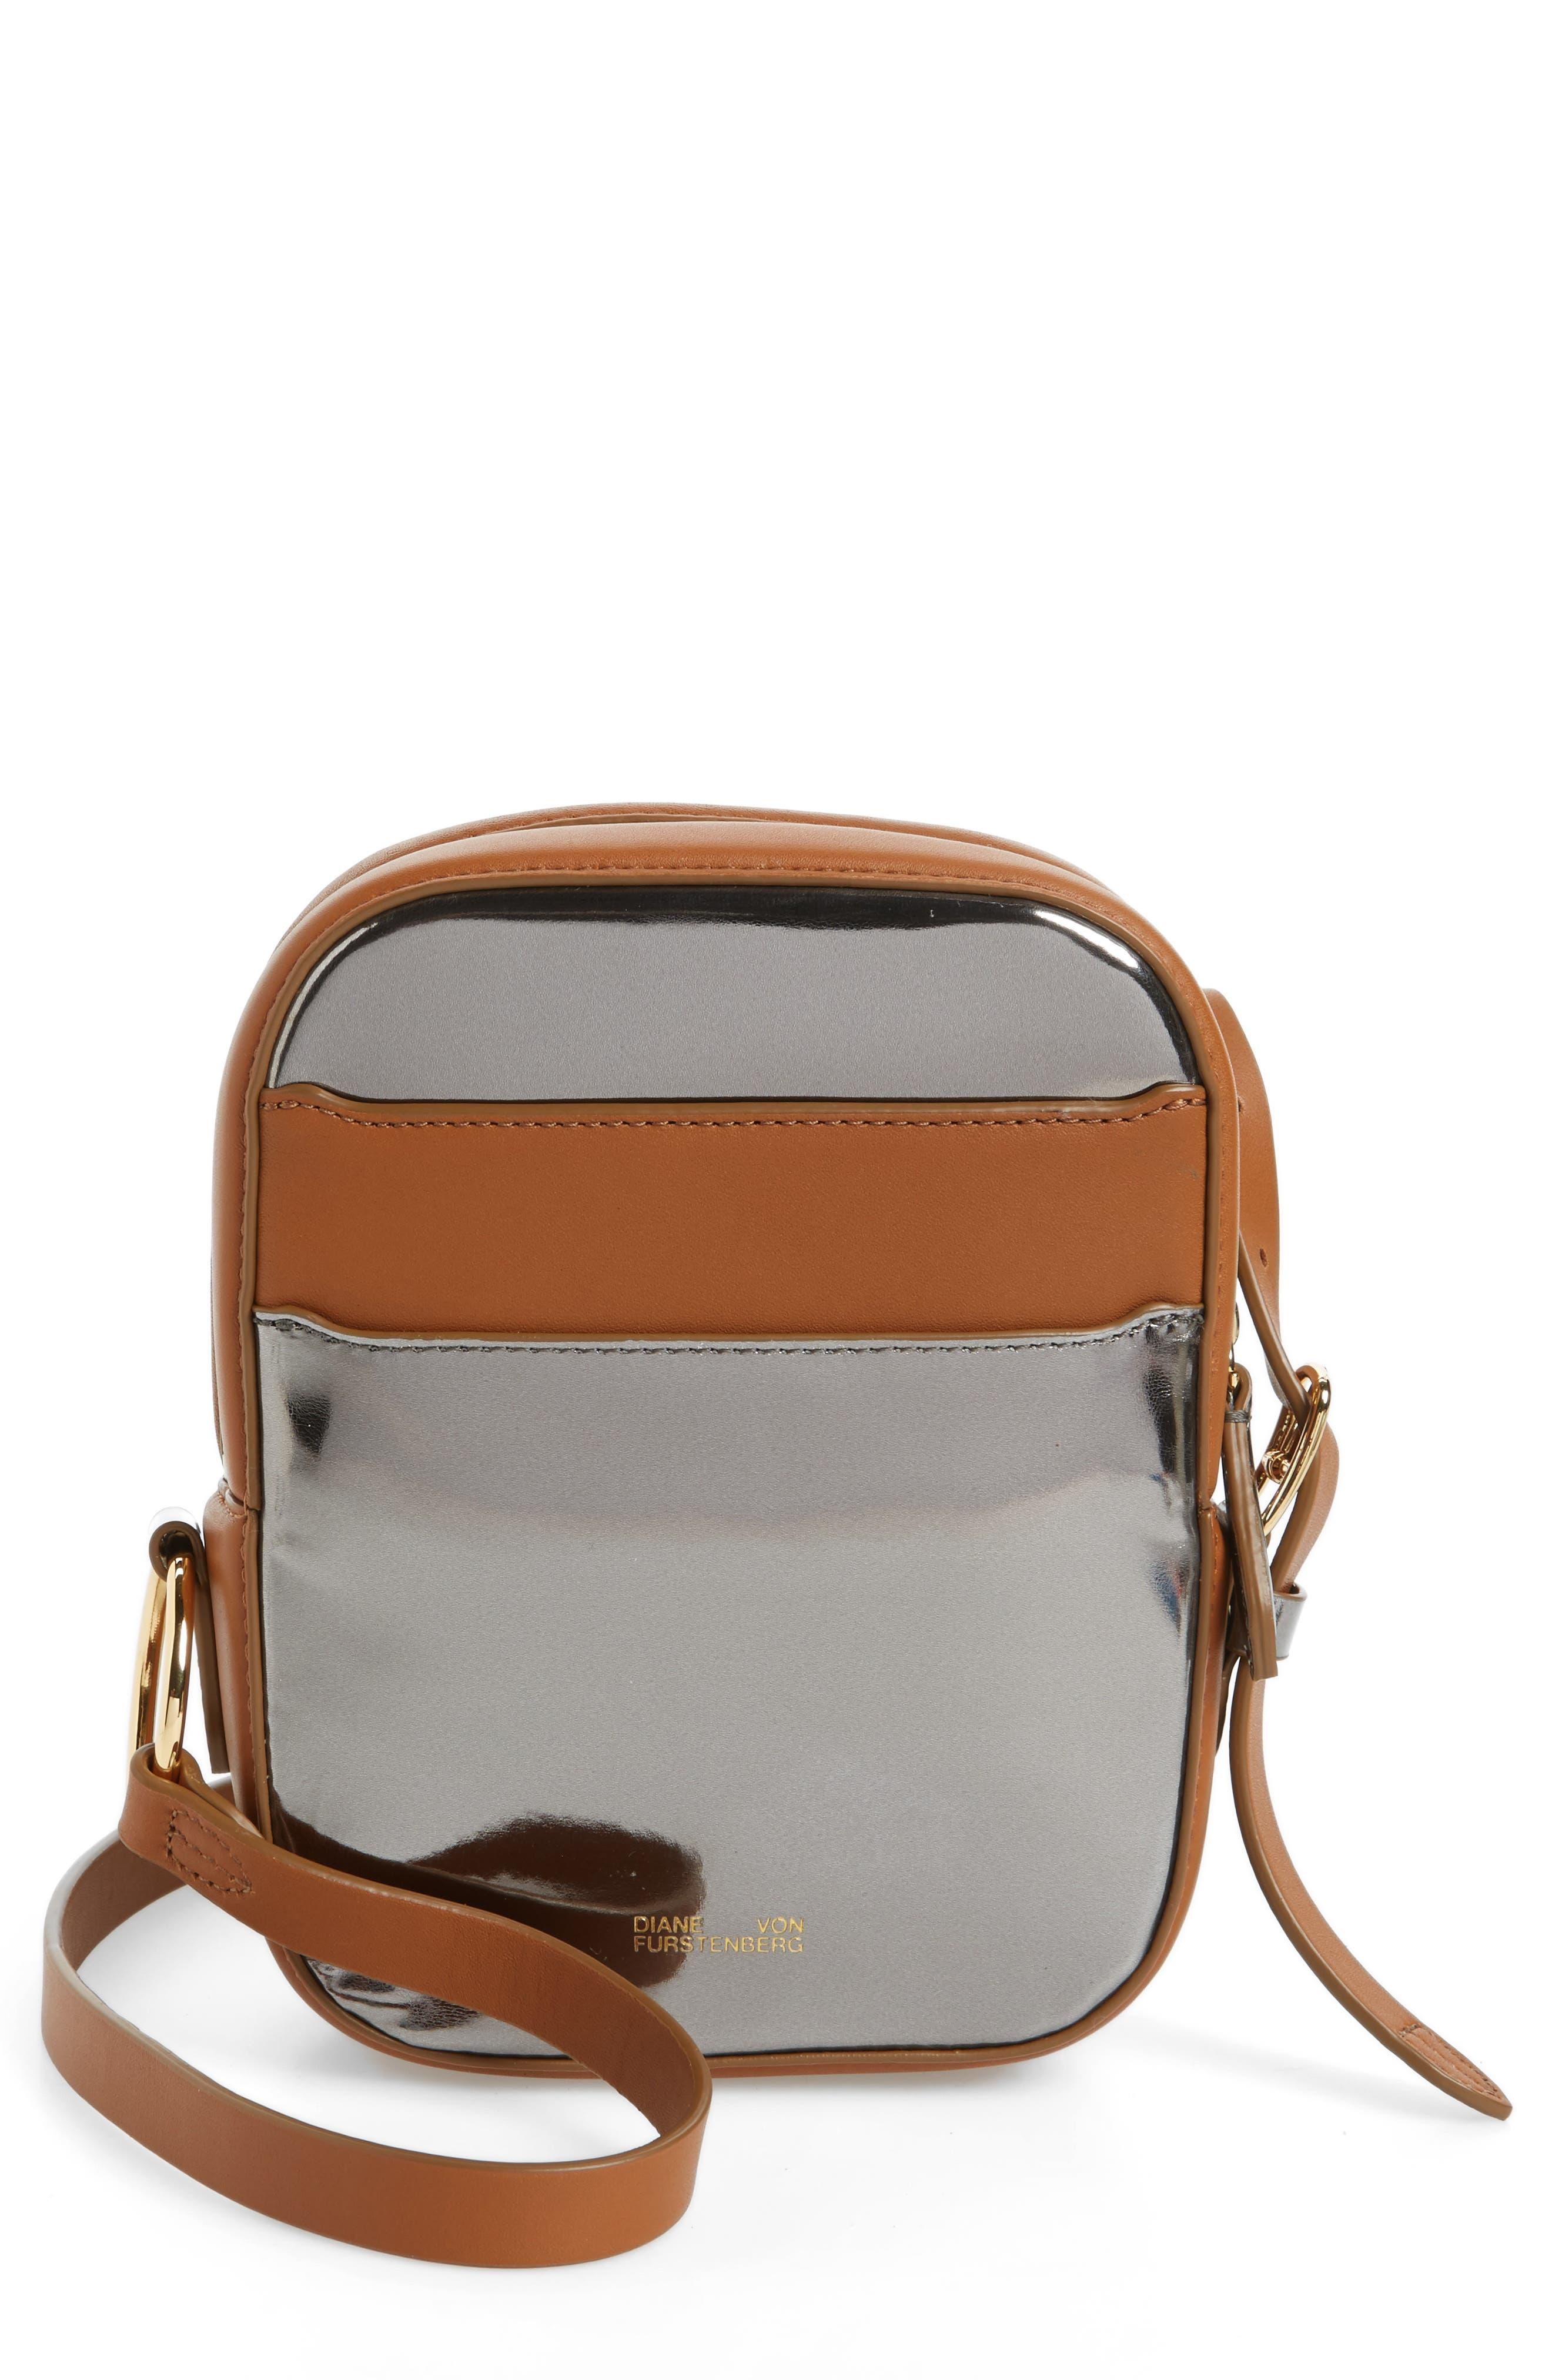 Diane von Furstenberg Specchio Leather Camera Bag